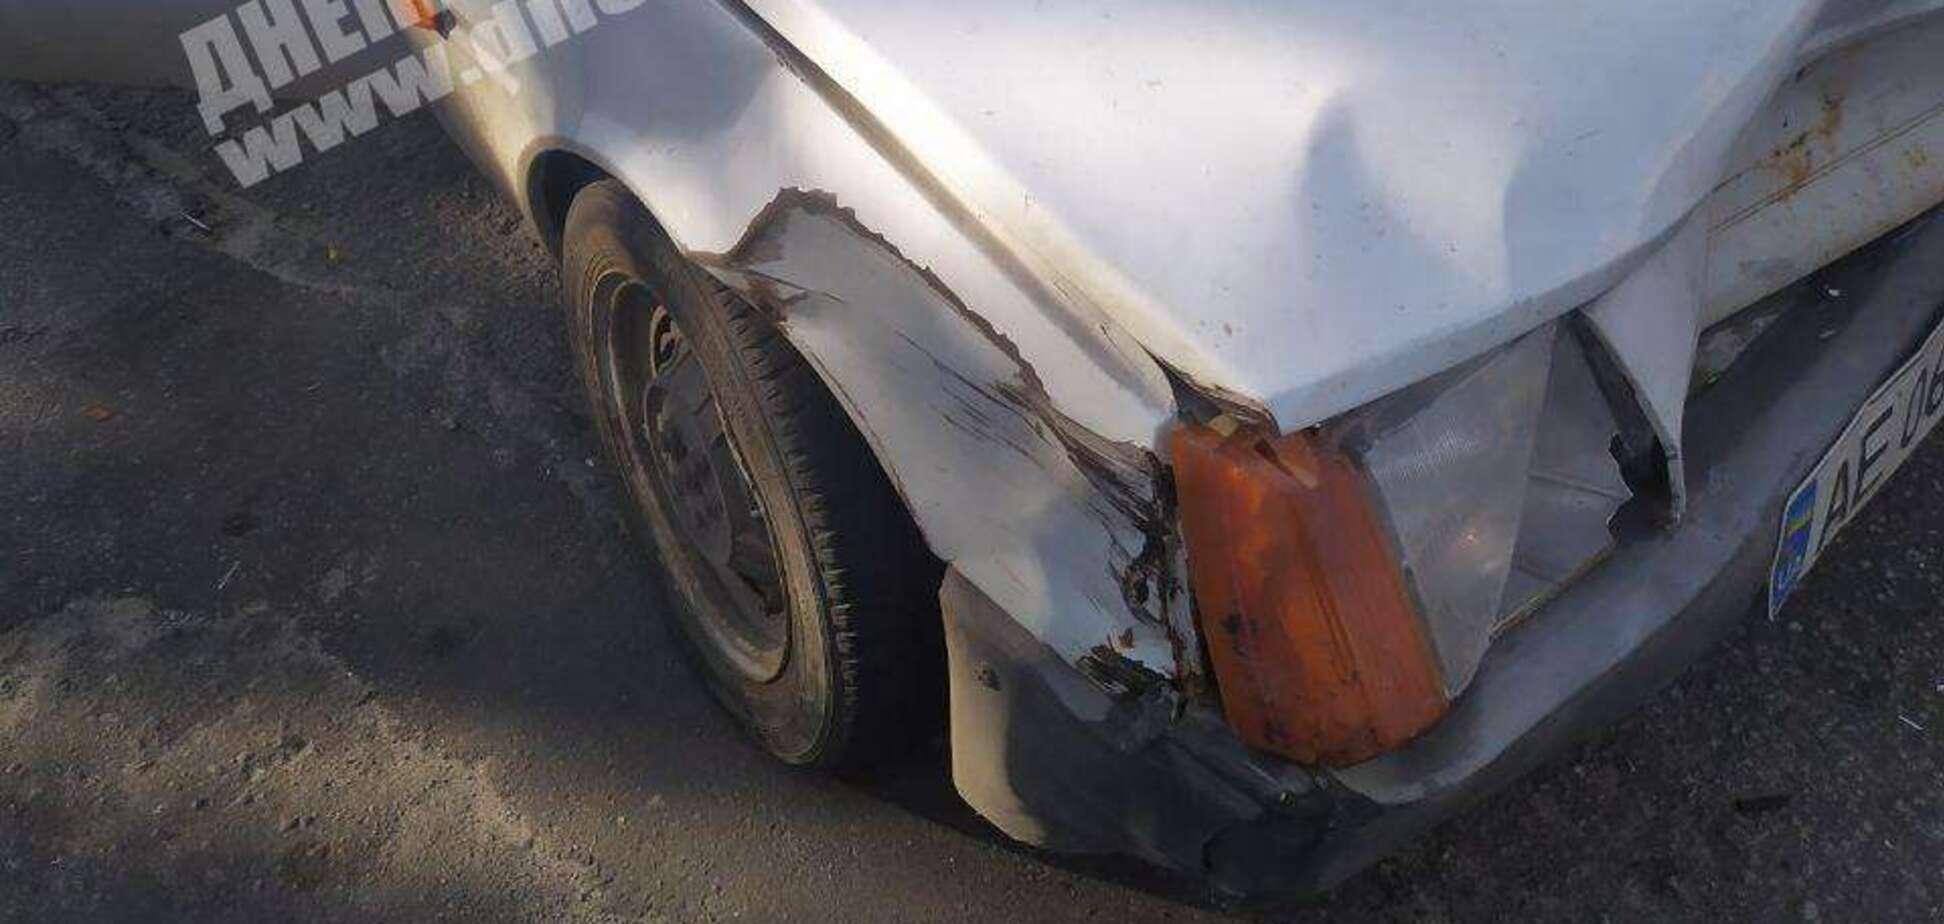 У Дніпрі на Калиновій зіткнулися два легковики: є постраждала